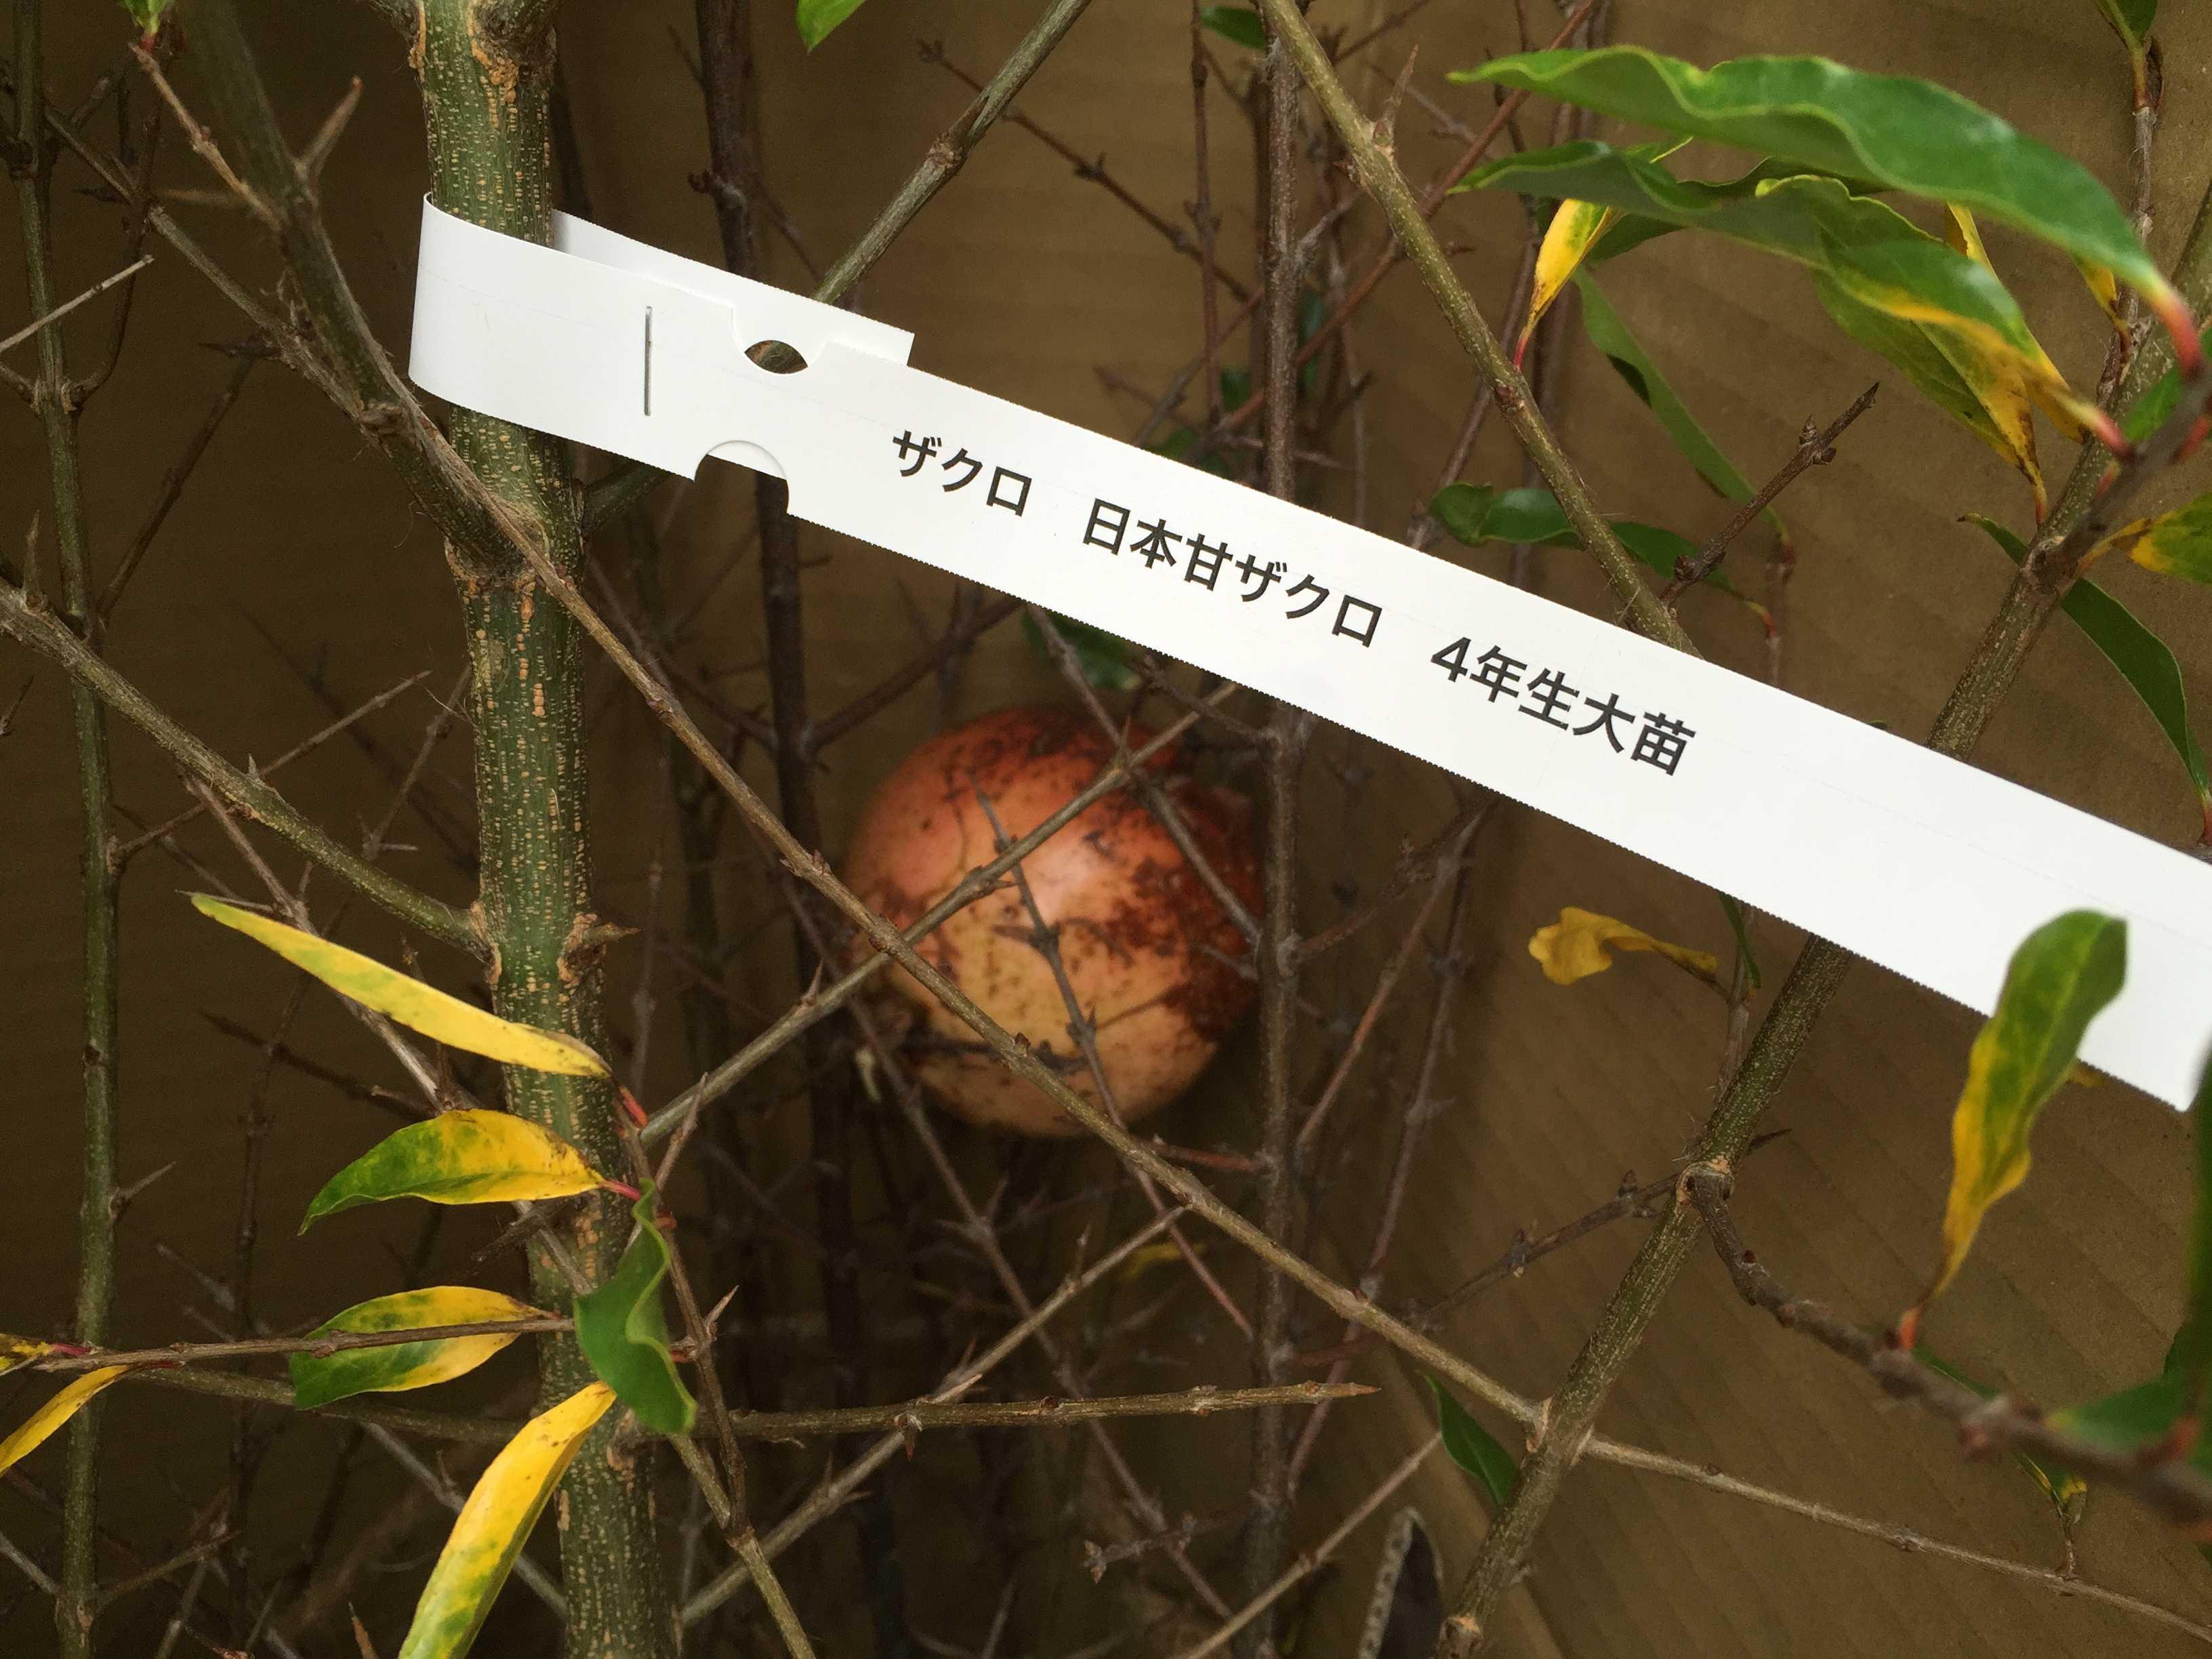 ザクロの地植え: 段ボールの中のザクロの木